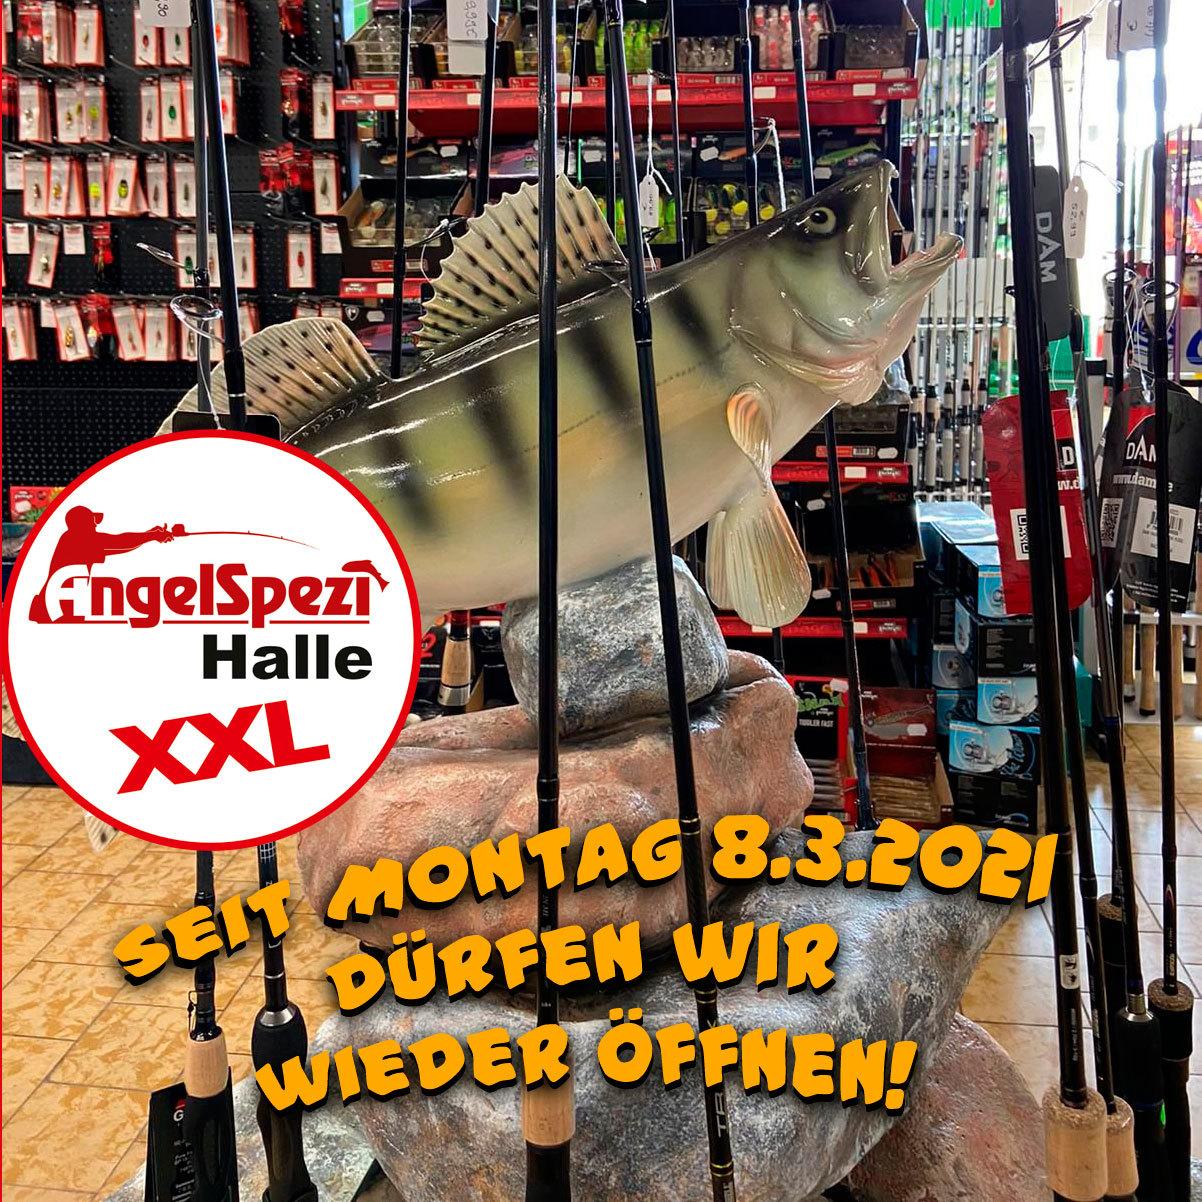 AngelSpezi XXL Halle   Angelgeräte und Anglerbedarf aus Halle